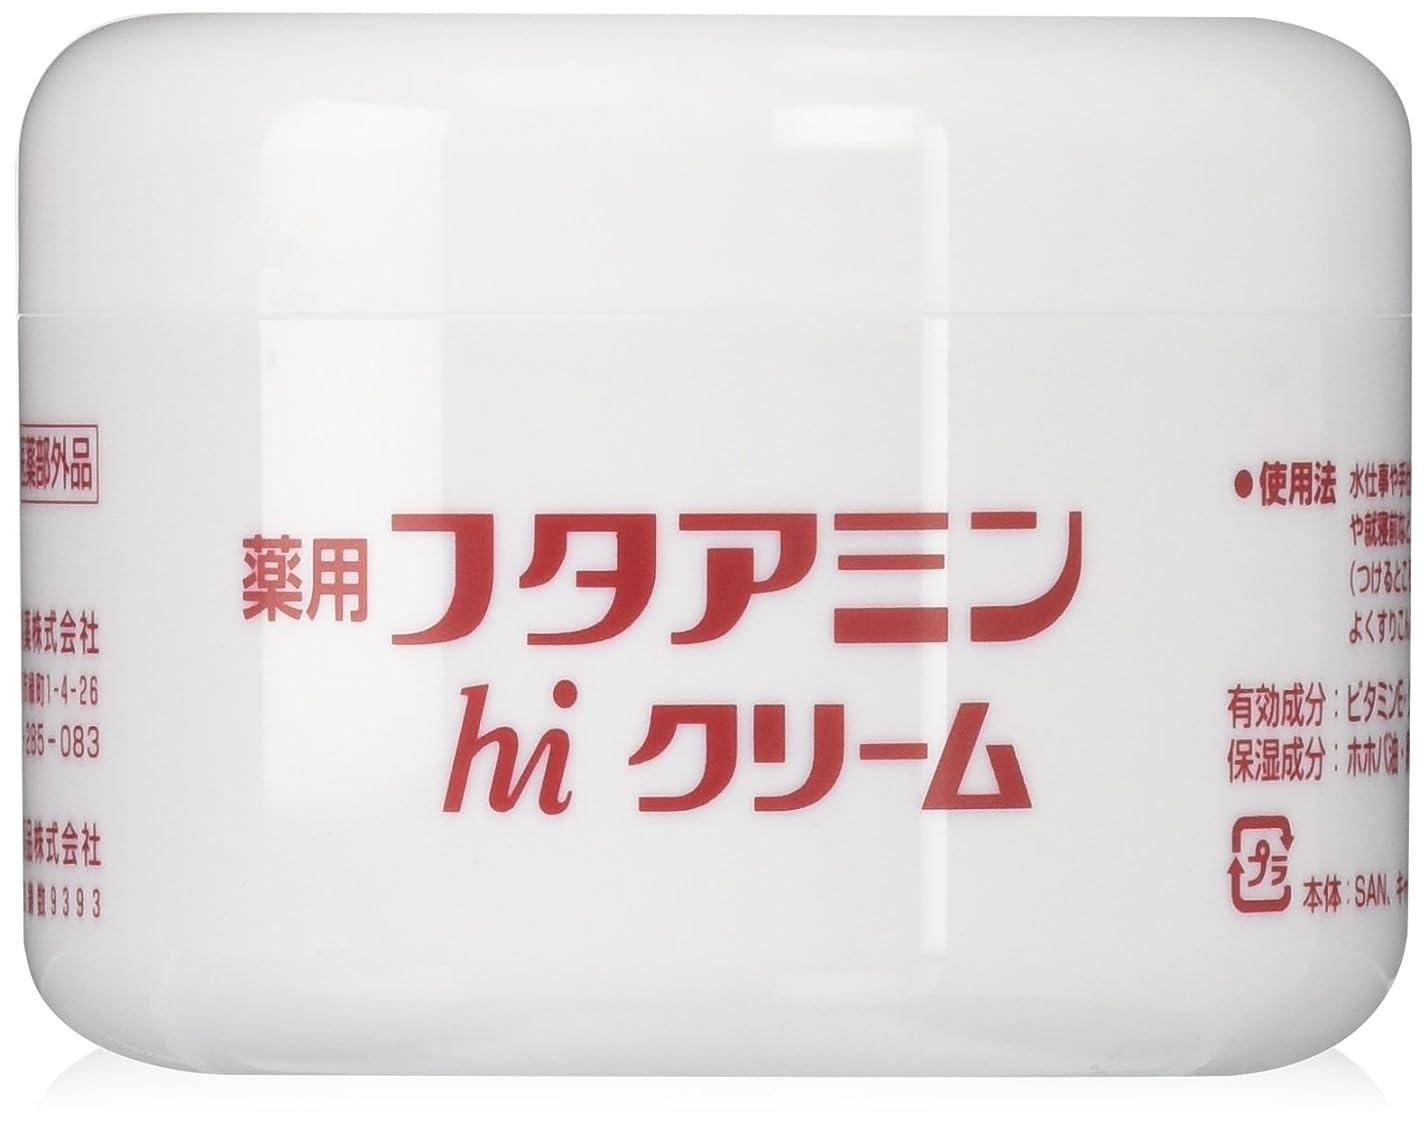 パスタまばたきできれば薬用 フタアミンhiクリーム 130g  3個セット 3gサンプル2個付